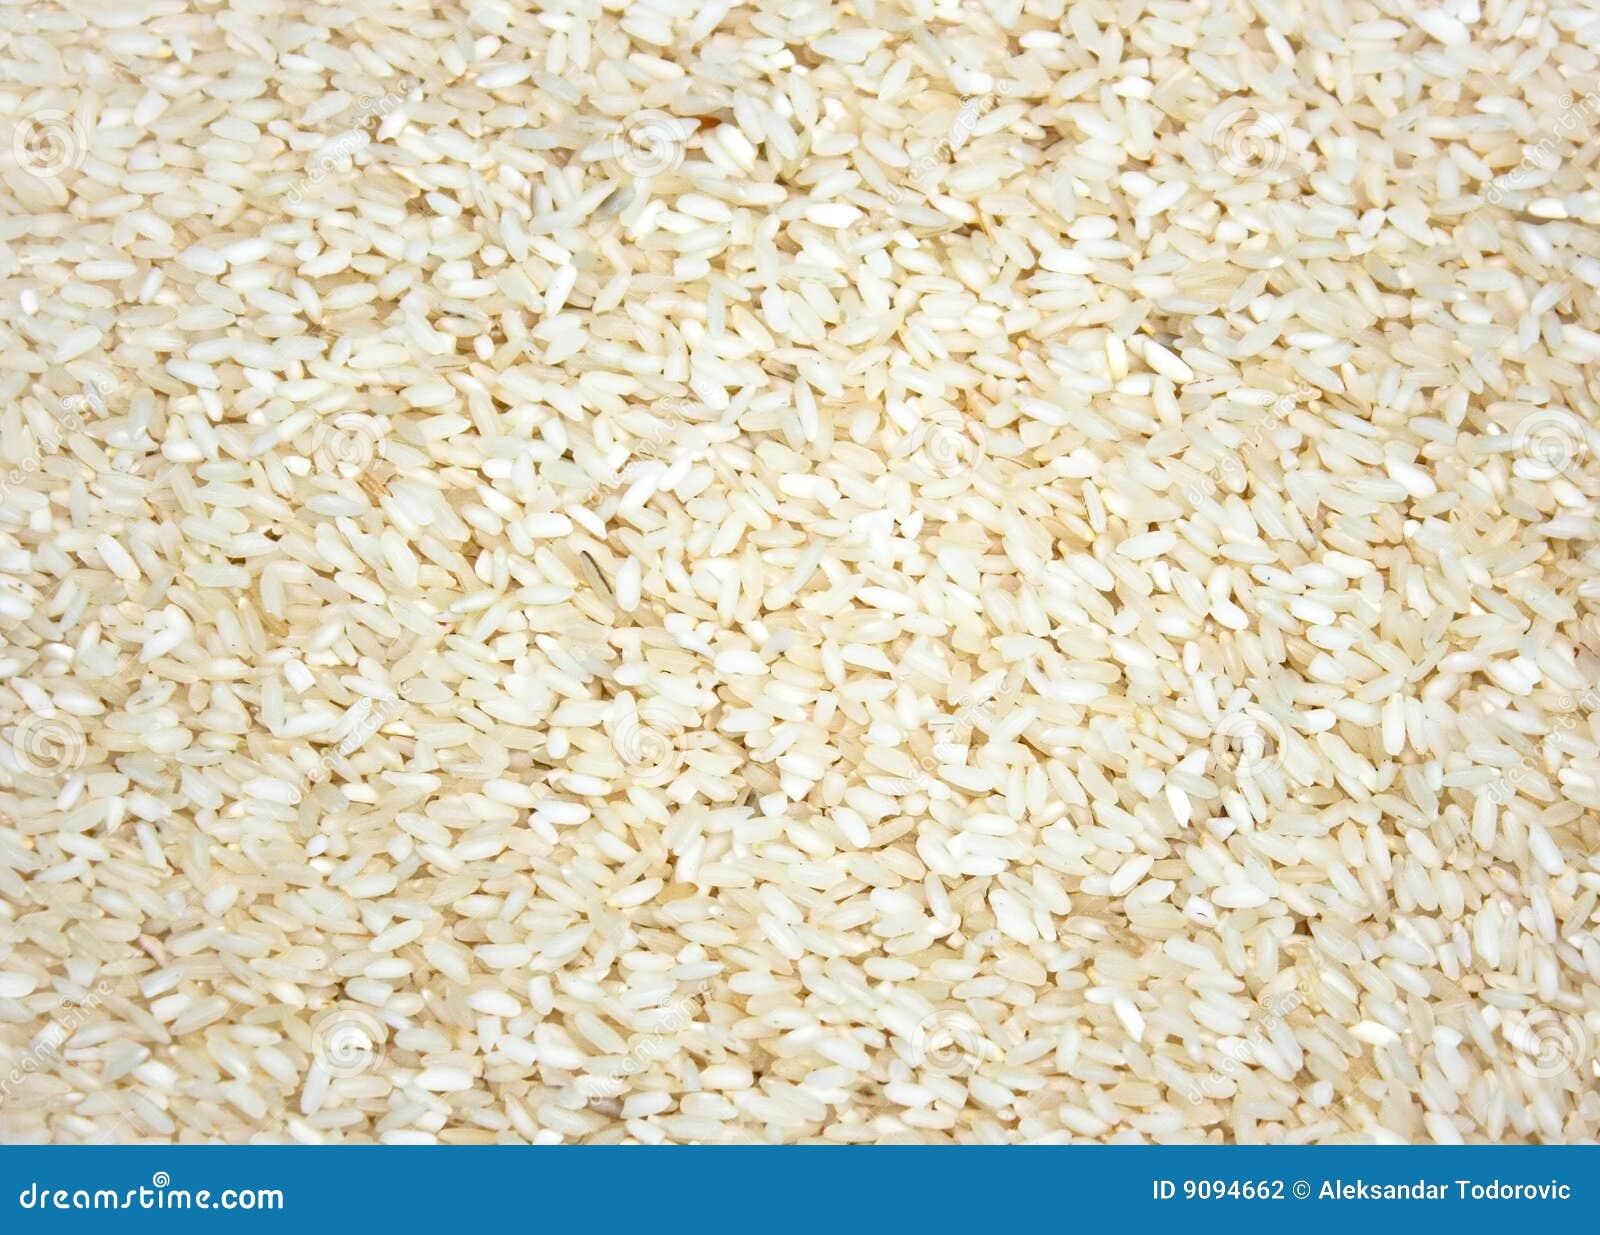 Eine Schicht des Reisgetreides als Hintergrund oder Beschaffenheit